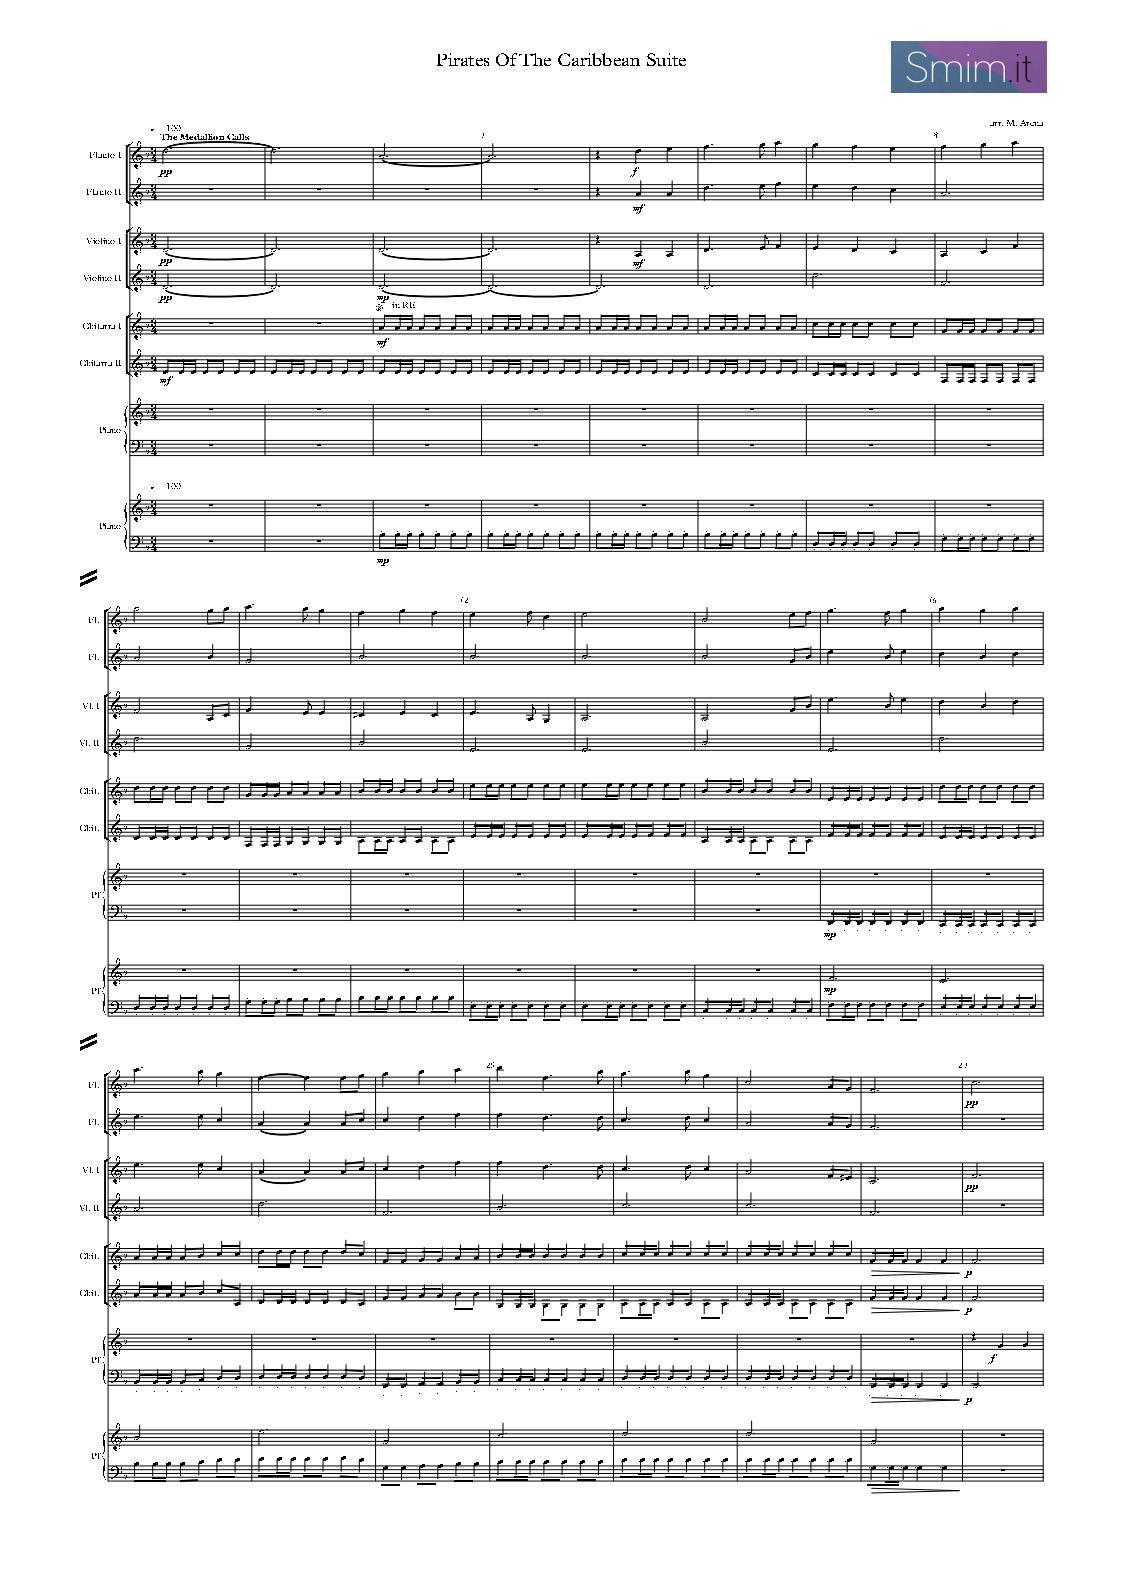 partiture per orchestra